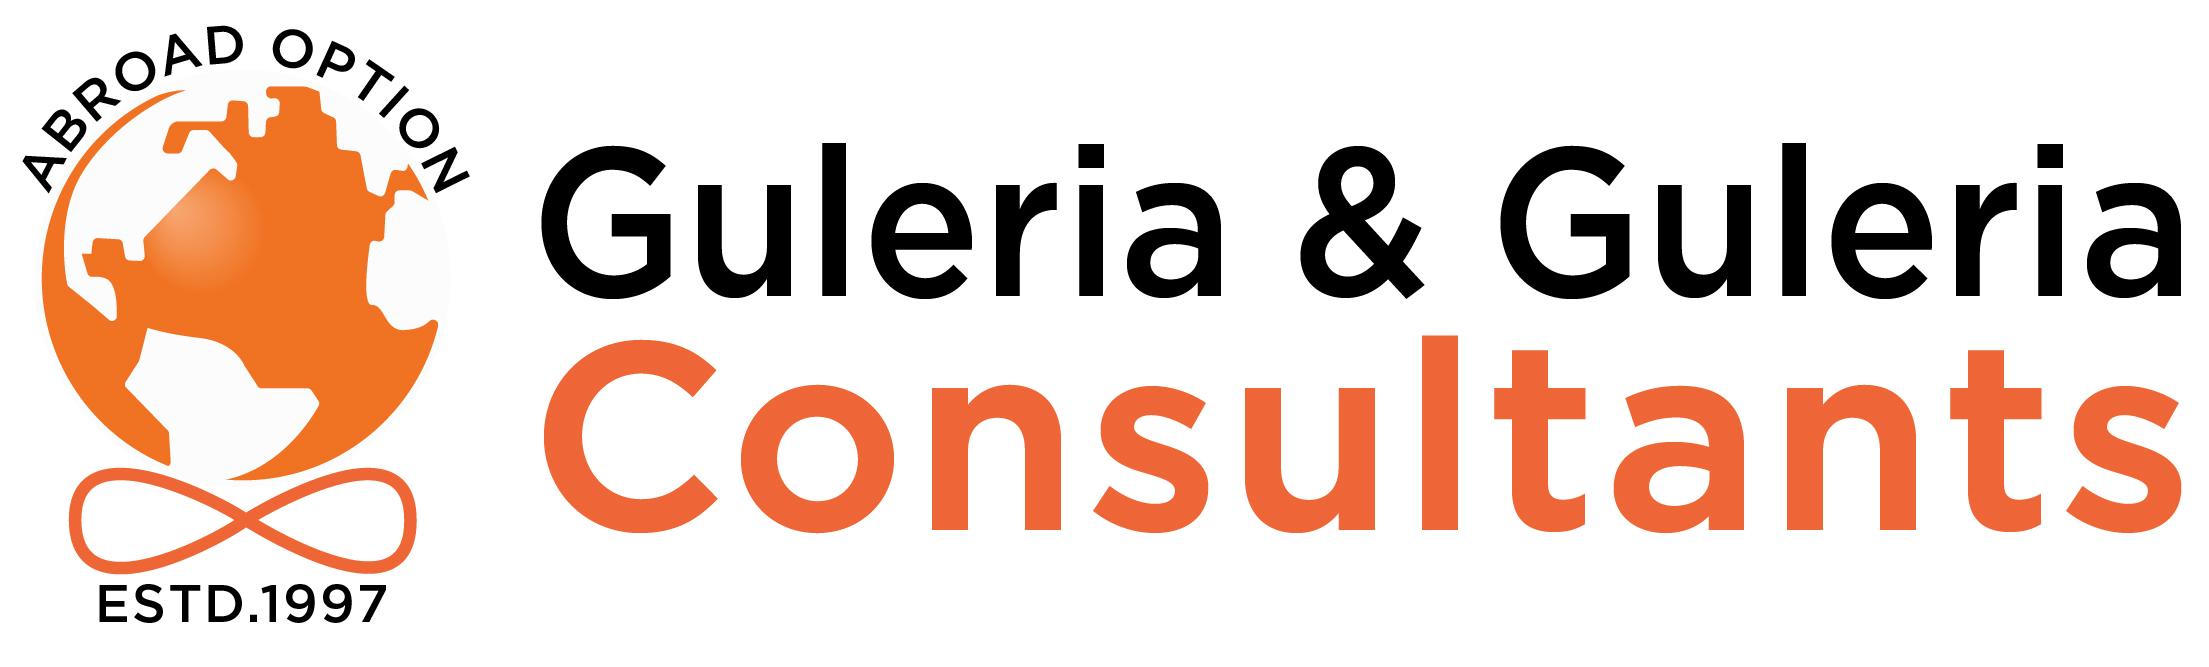 Guleria & Guleria Consultants Image